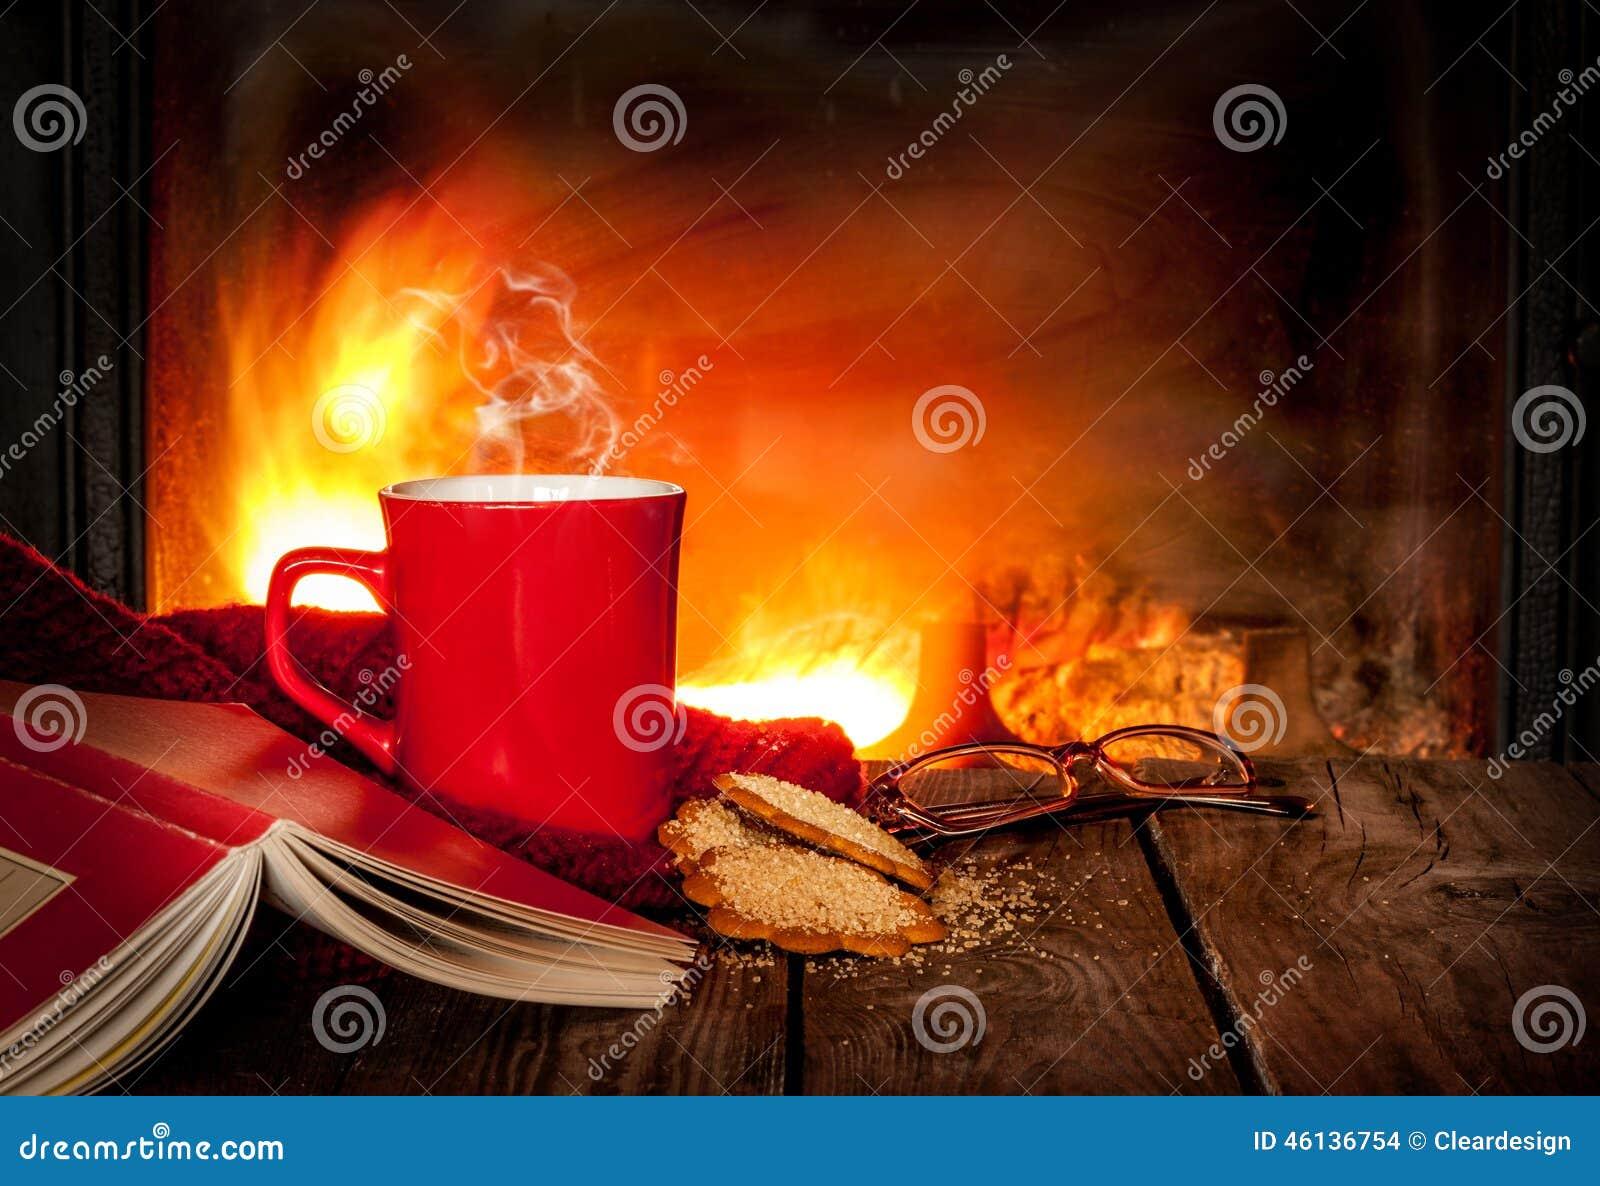 Th ou caf chaud dans une tasse un livre et une chemin e rouges photo stock image 46136754 - Un ou une thermos ...